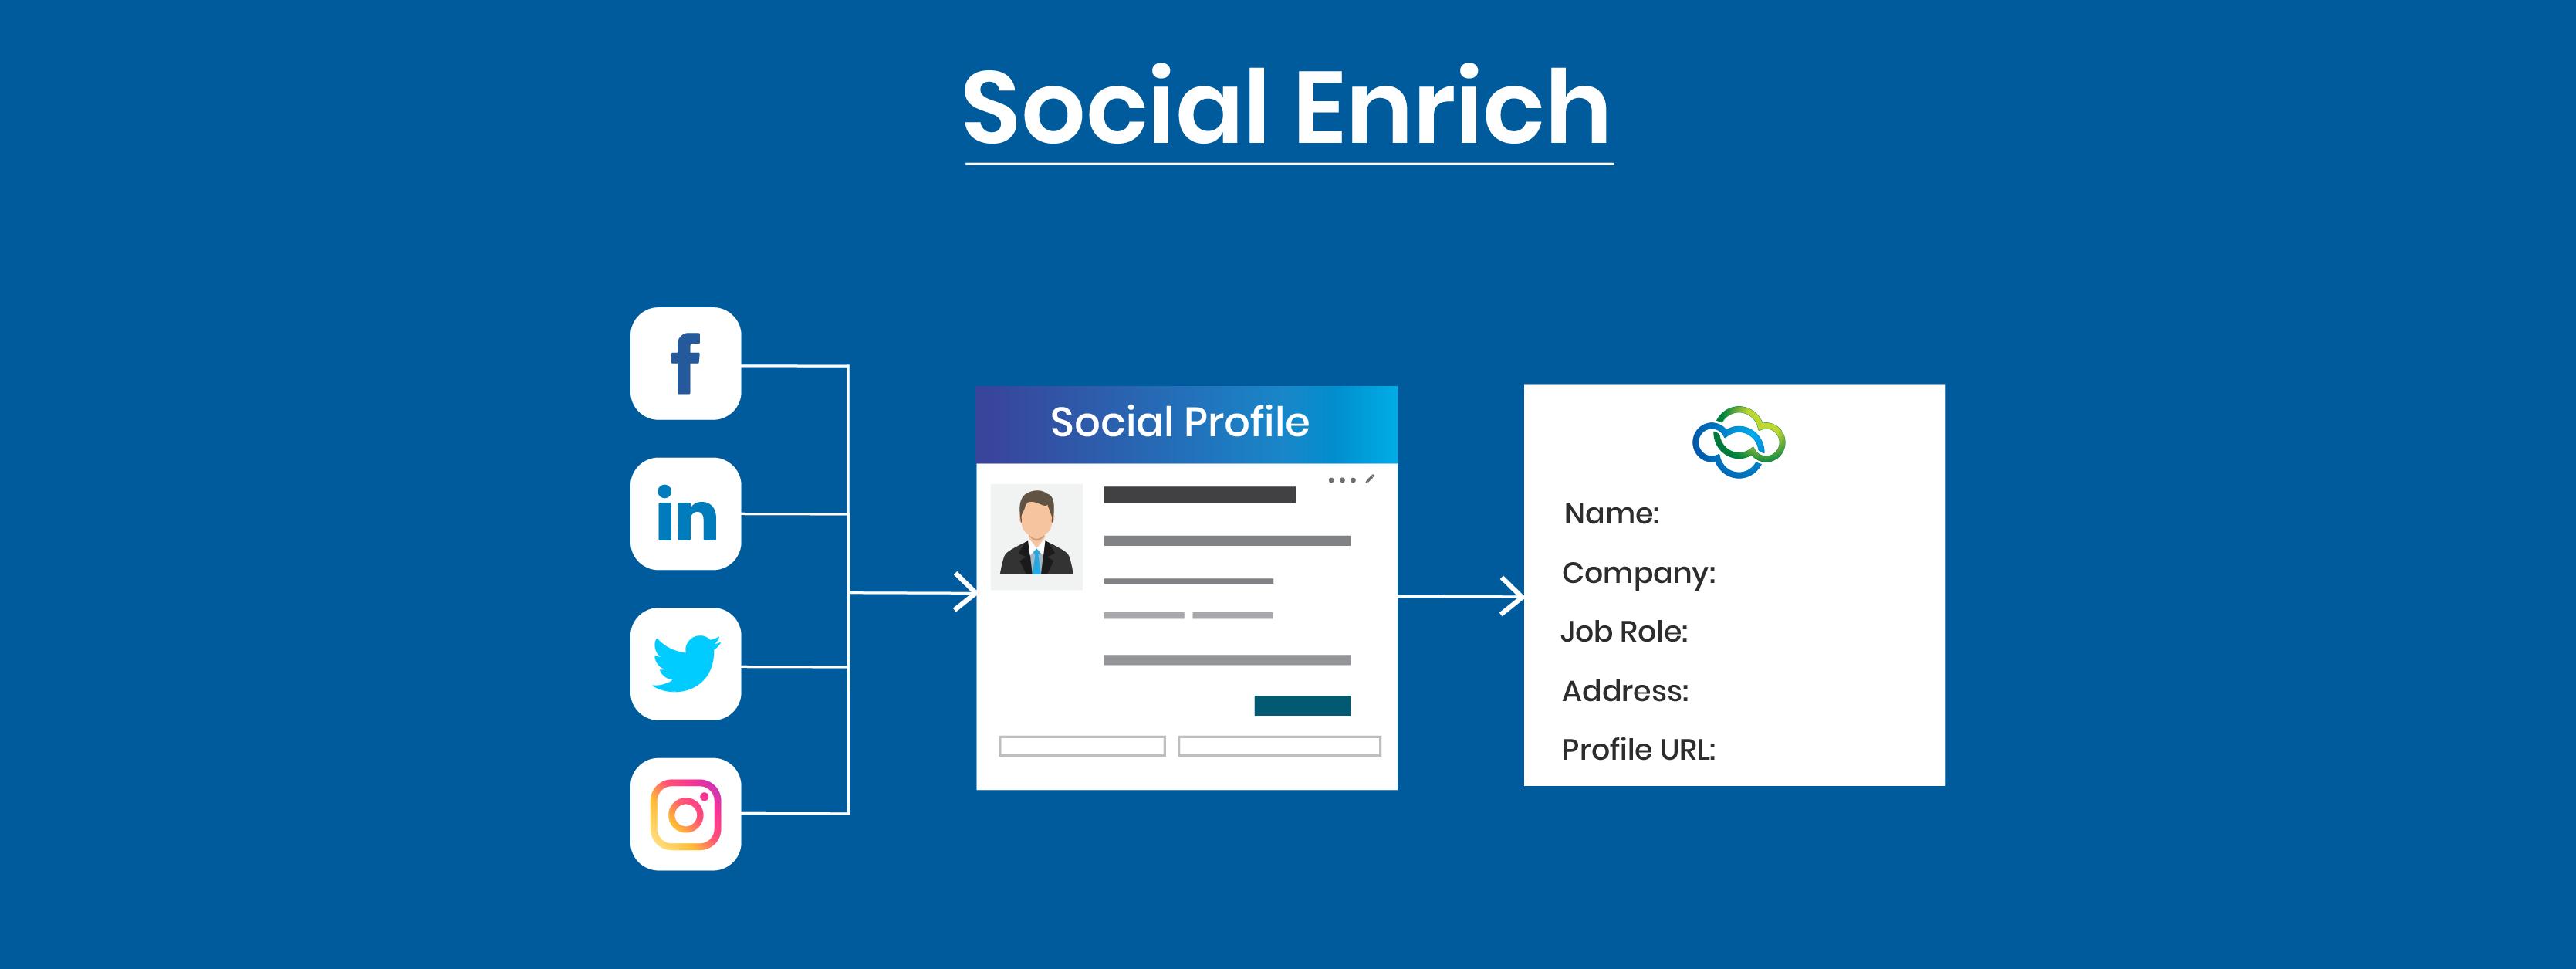 May13-social enrich